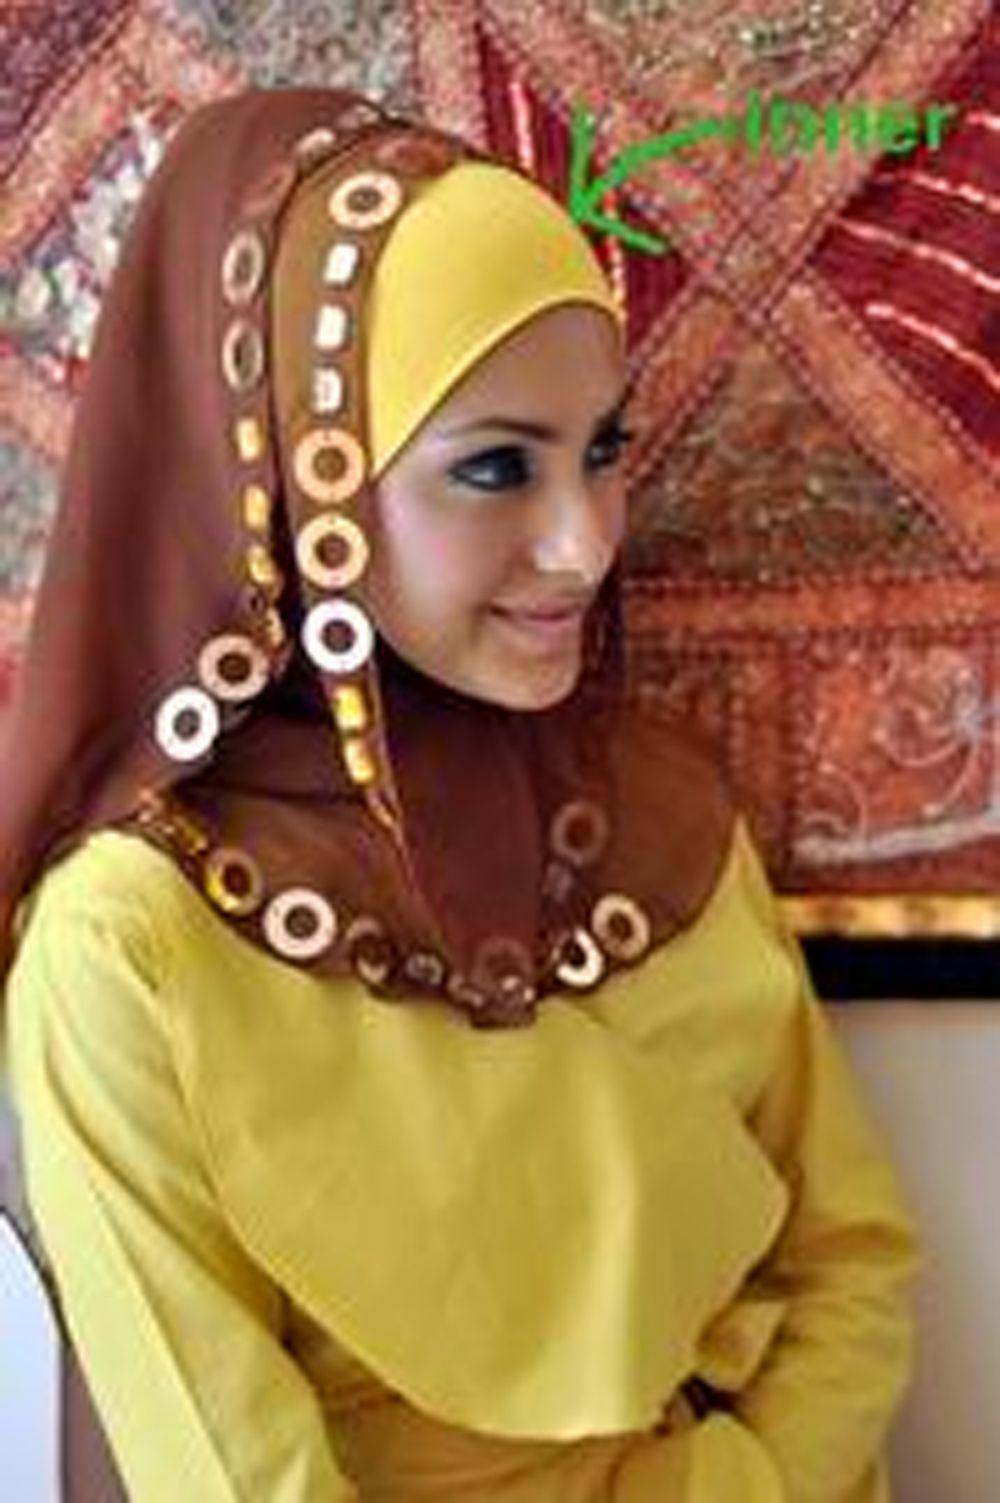 I like the way she has it pinned pretty dont like hijab tho